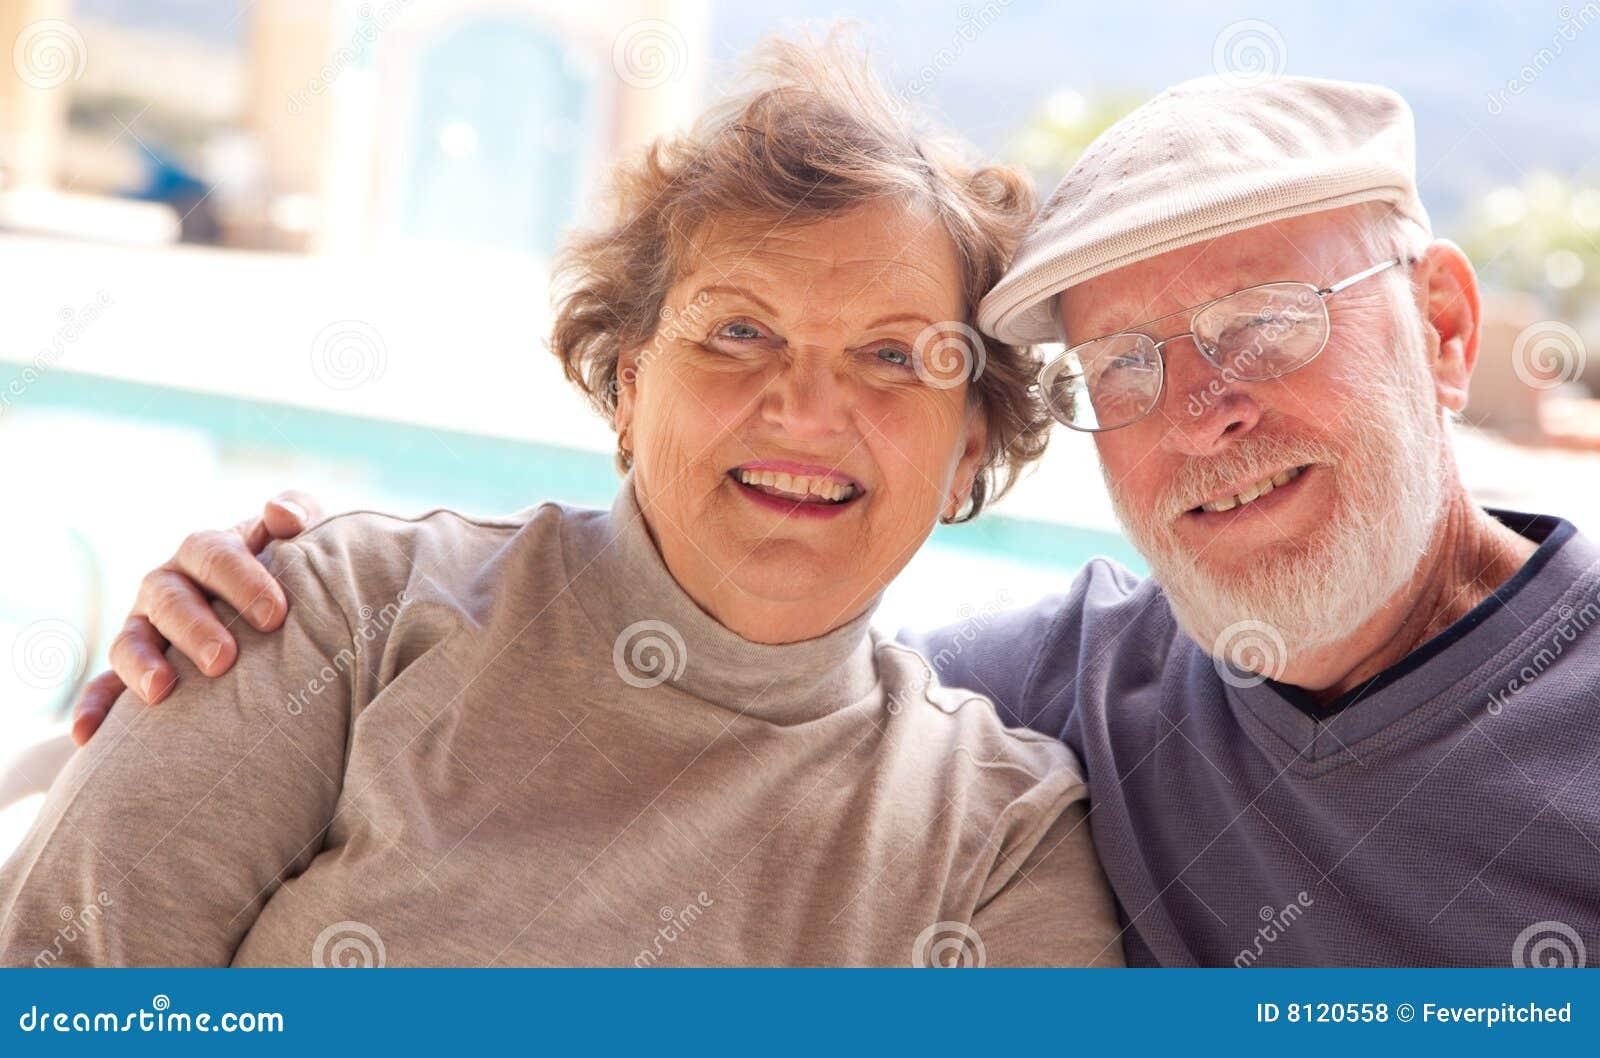 Телки гараже, фото взрослых пар